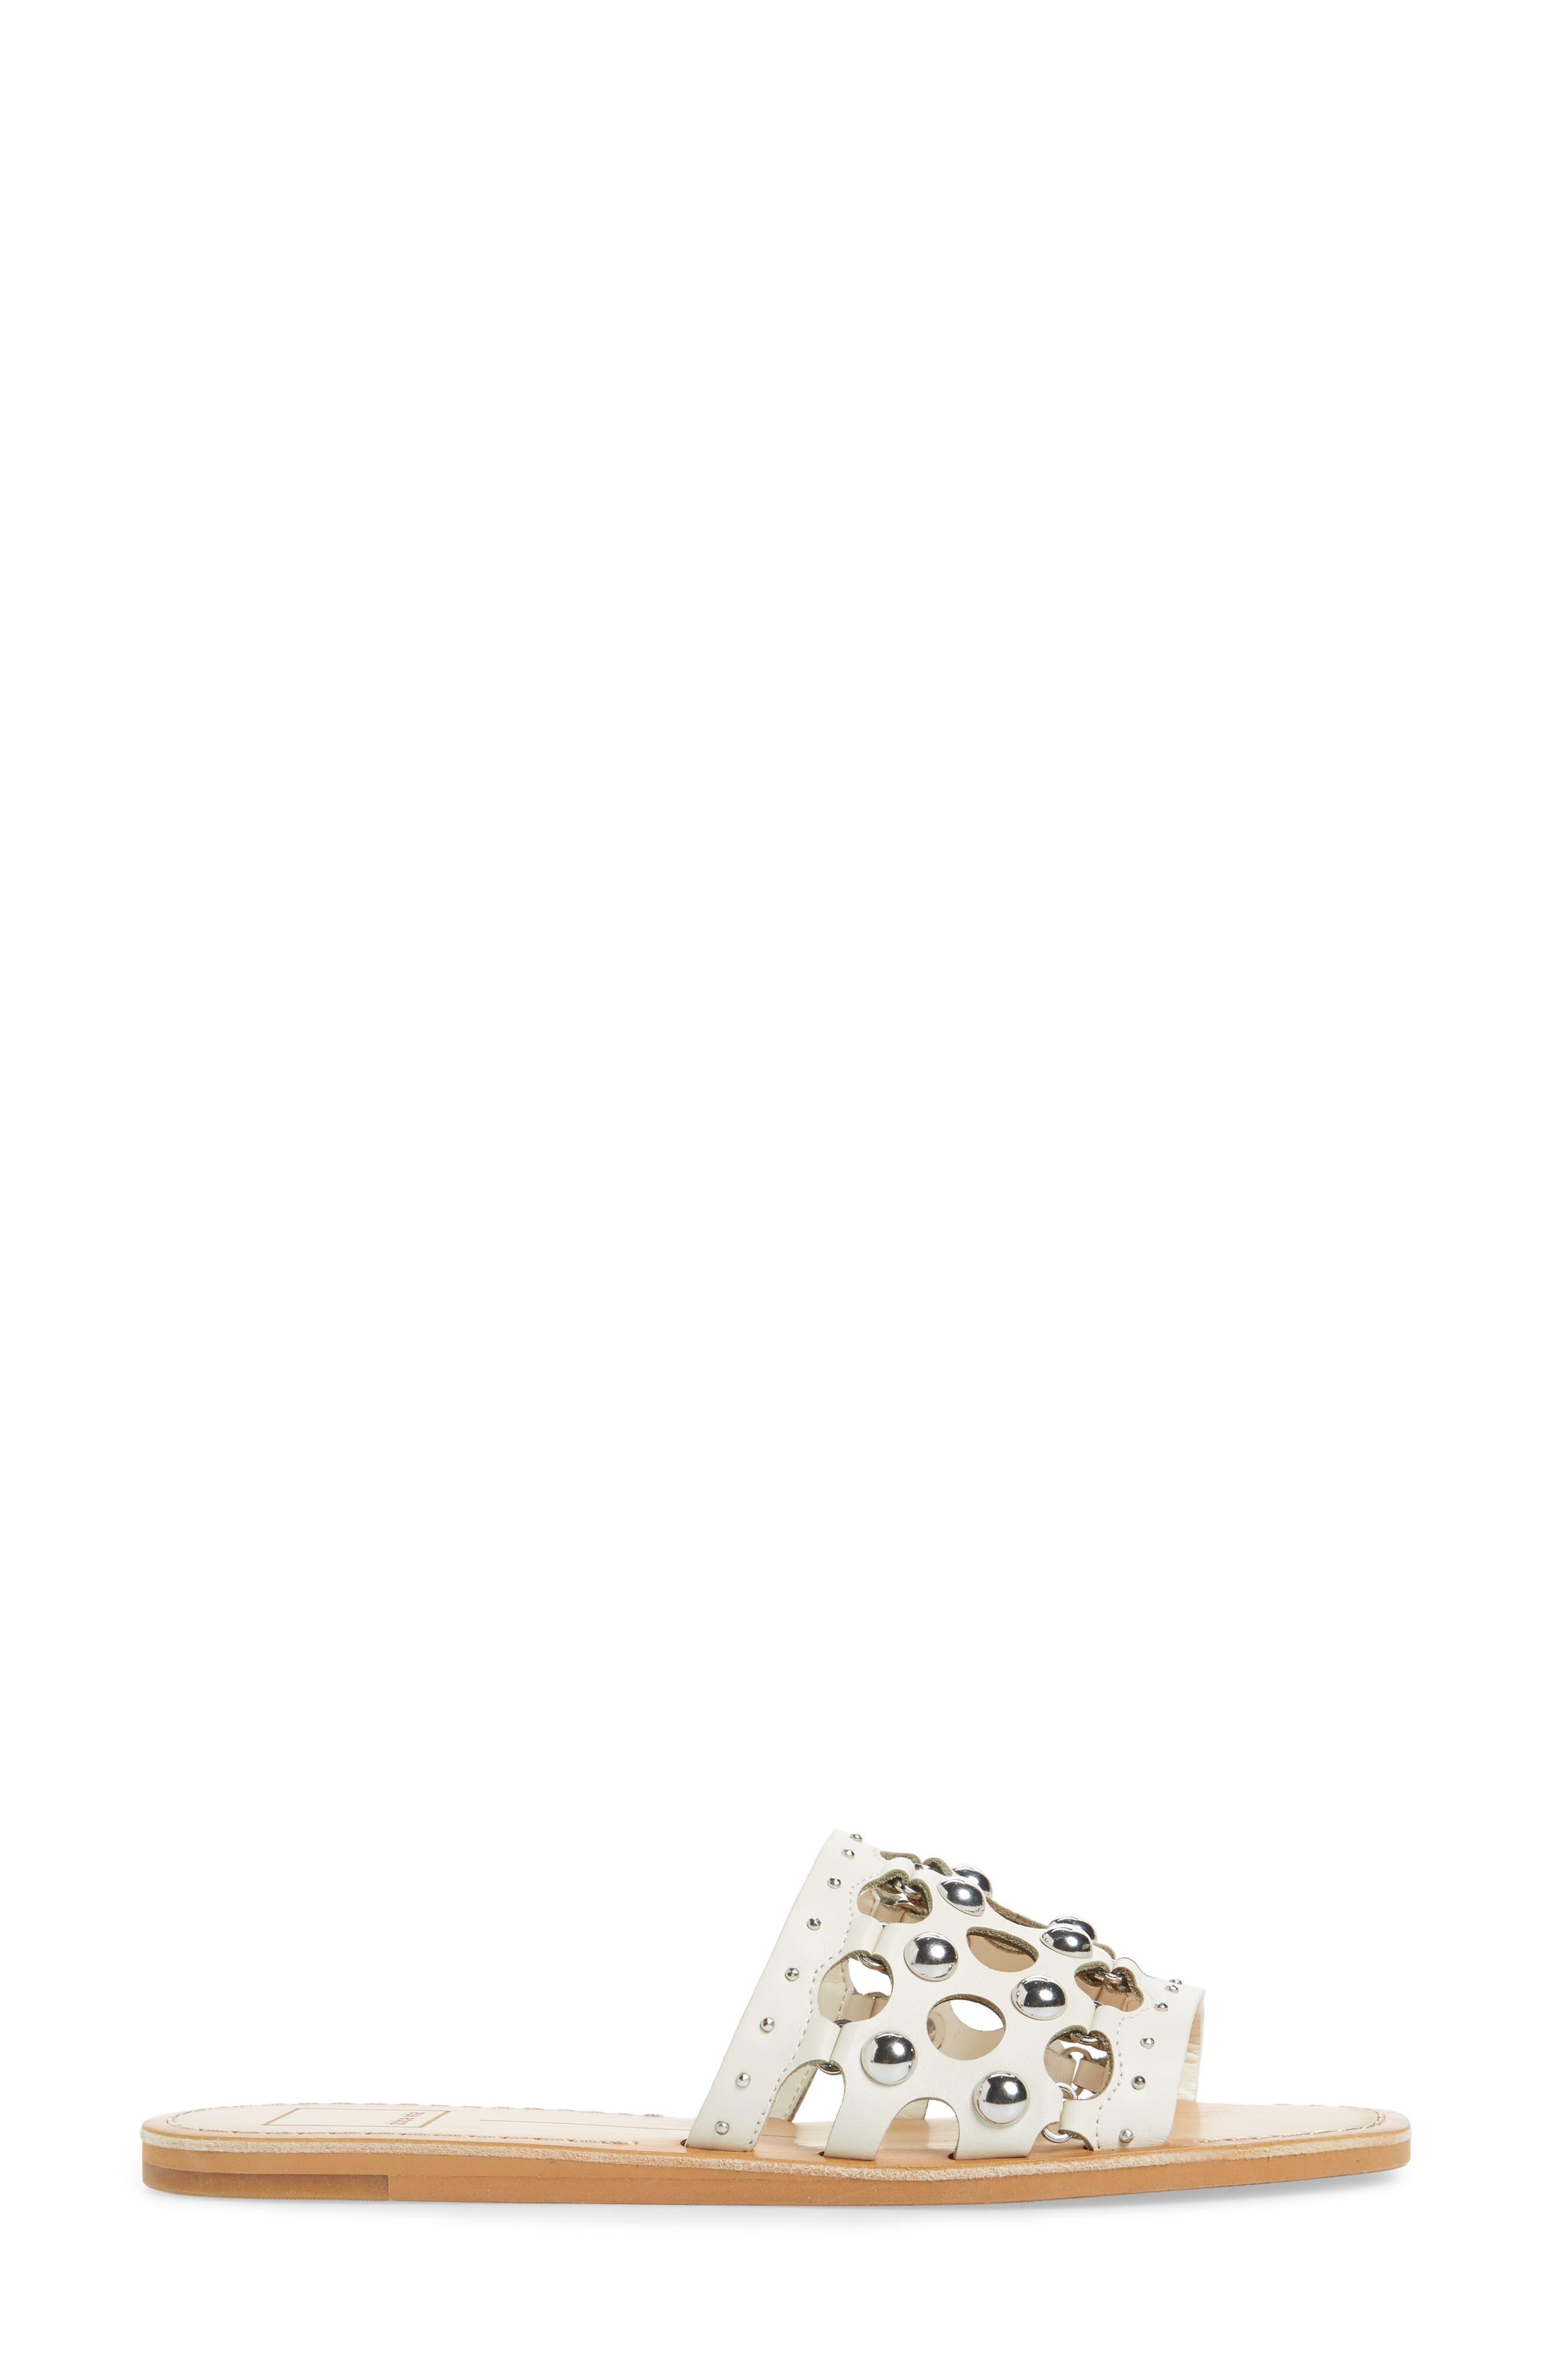 Celita Perforated Studded Slide Sandal,                             Alternate thumbnail 3, color,                             White